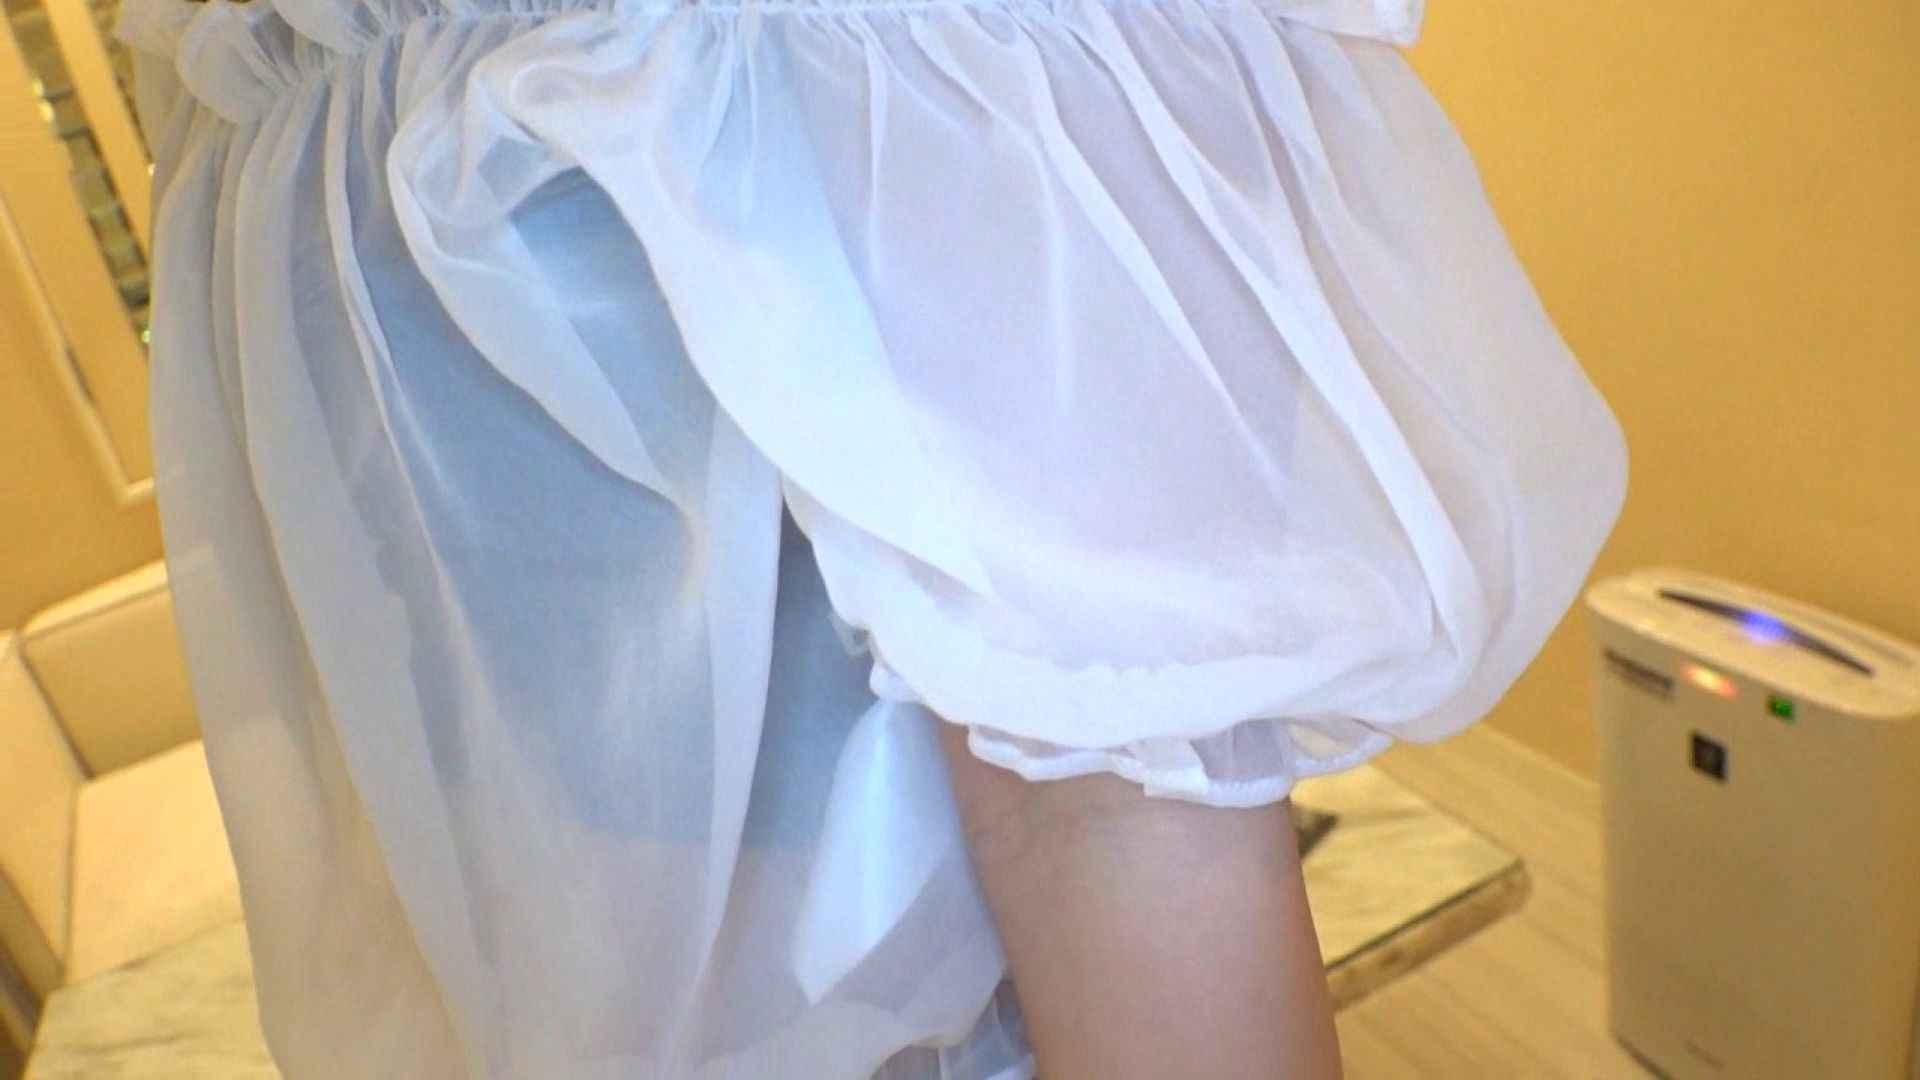 S級厳選美女ビッチガールVol.33 前編 エッチなセックス すけべAV動画紹介 73画像 22